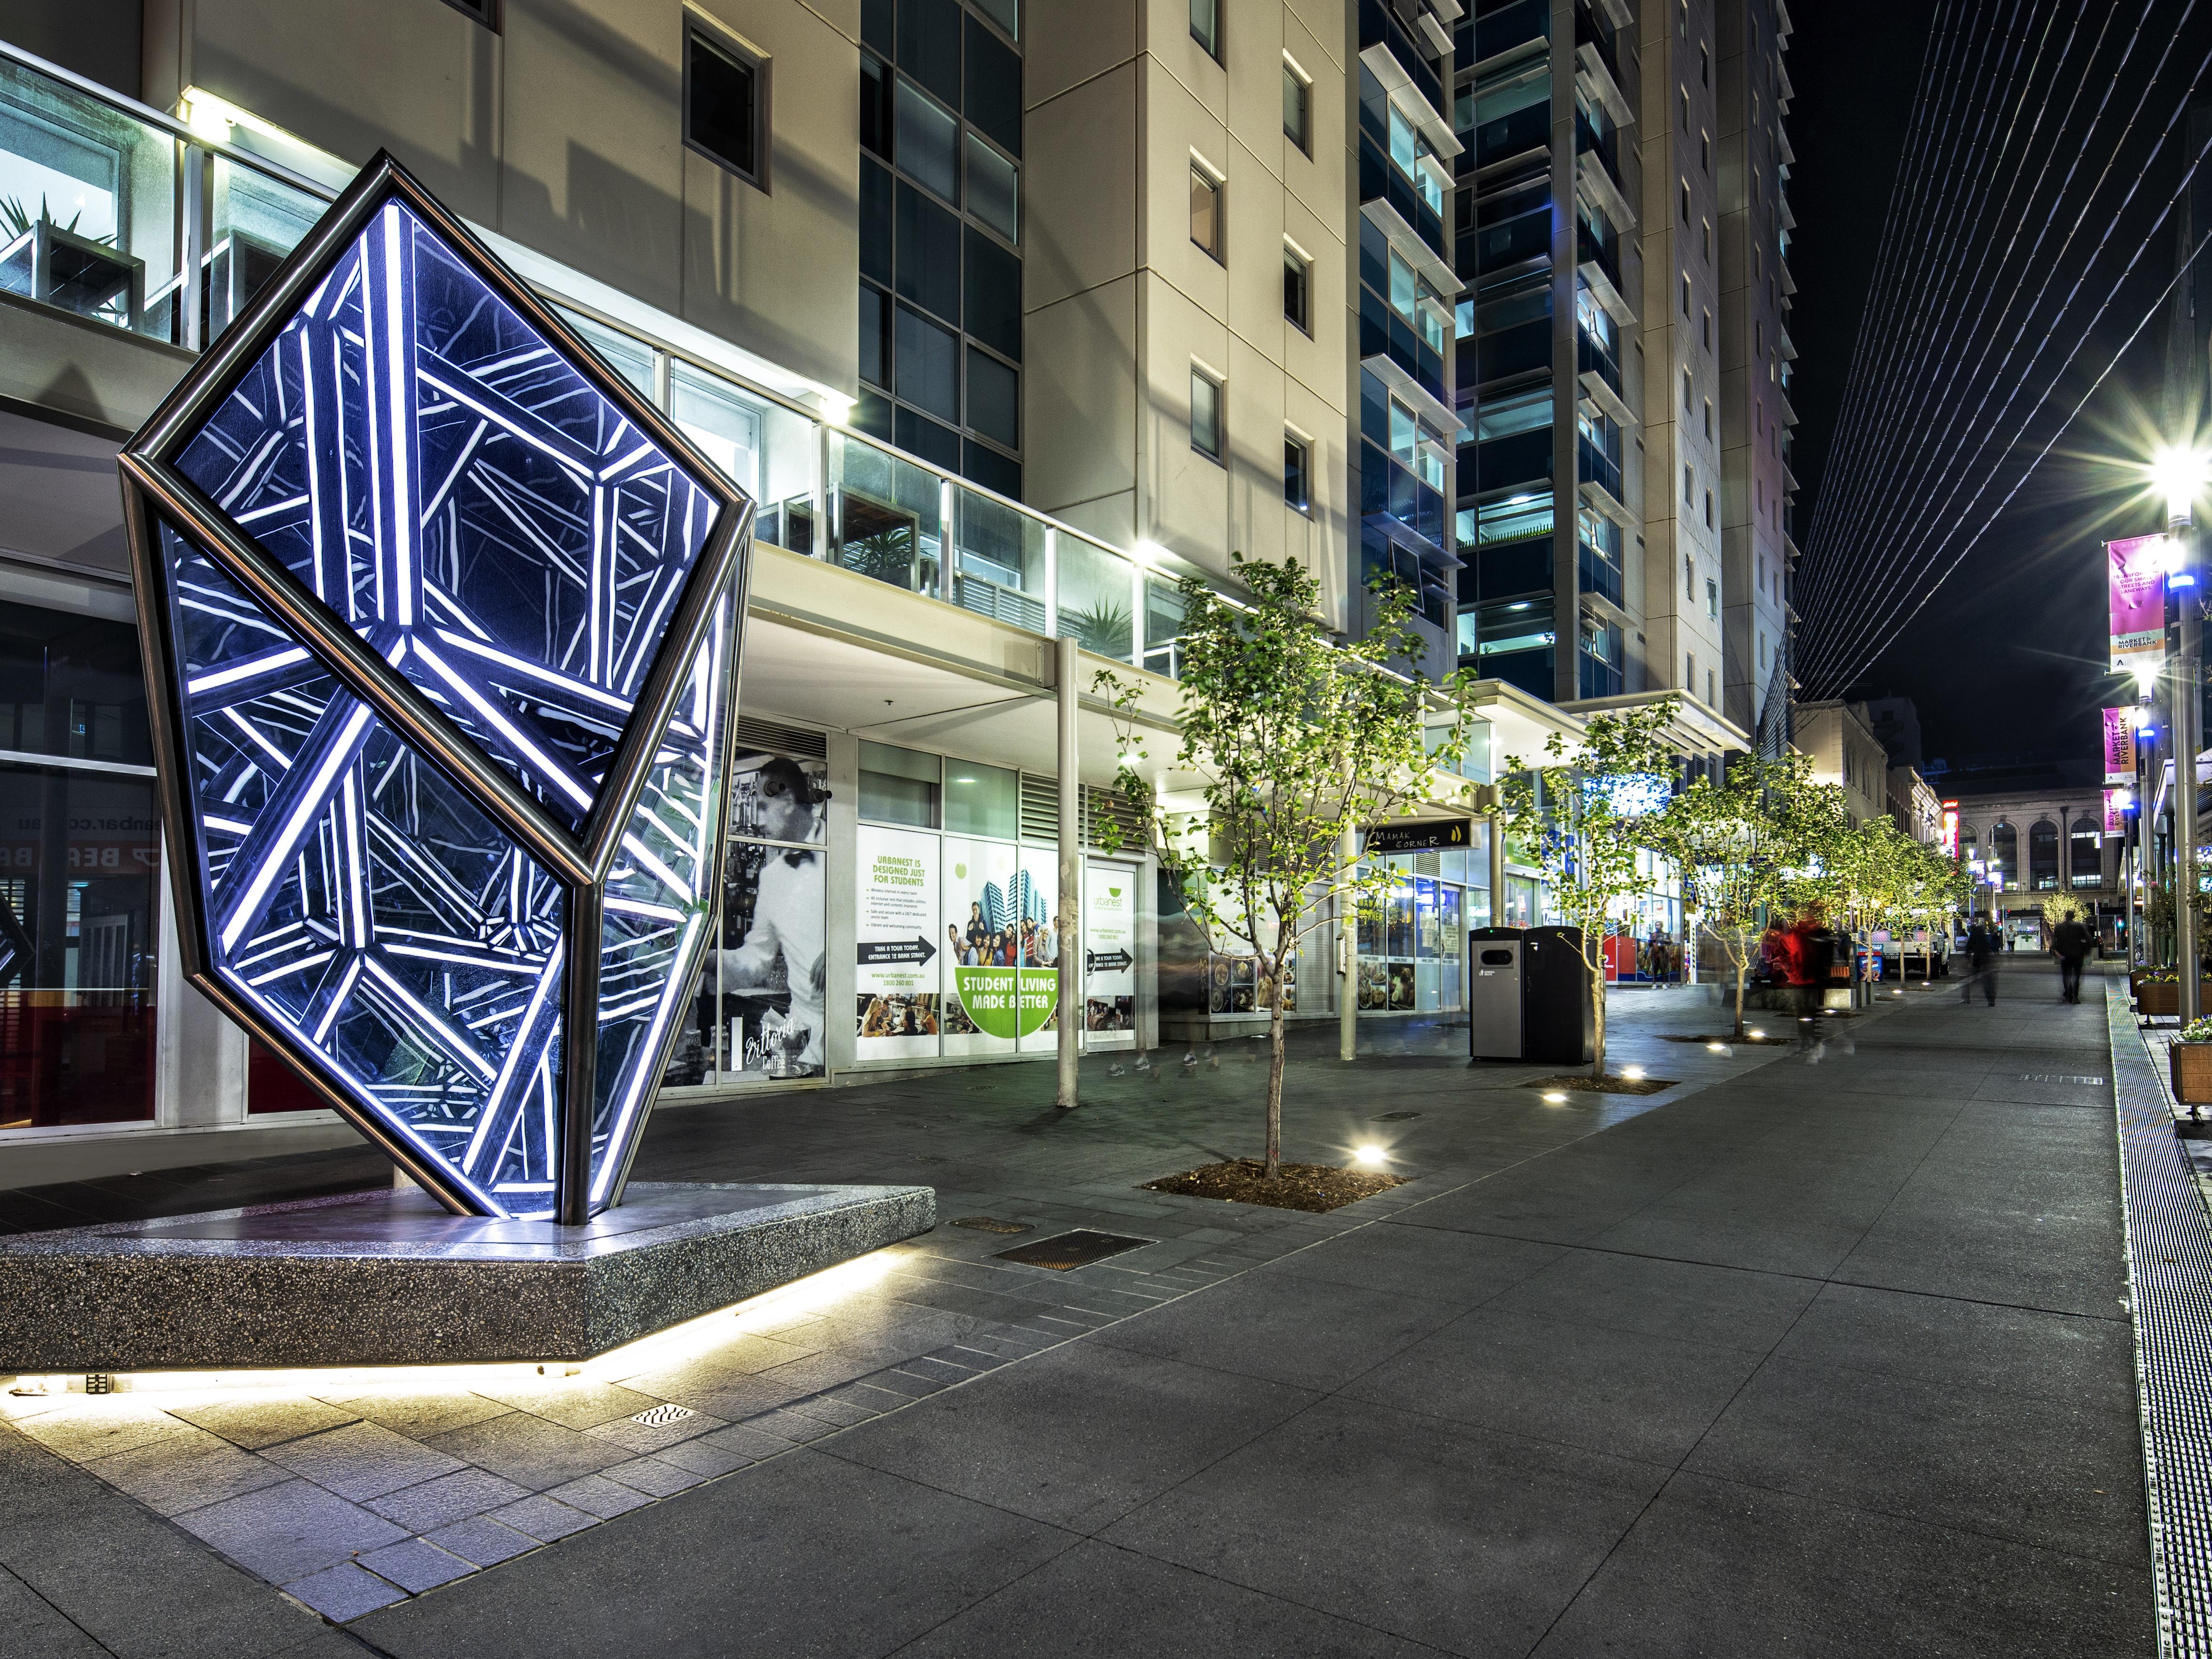 South Australia S Best Landscape Architecture Honoured